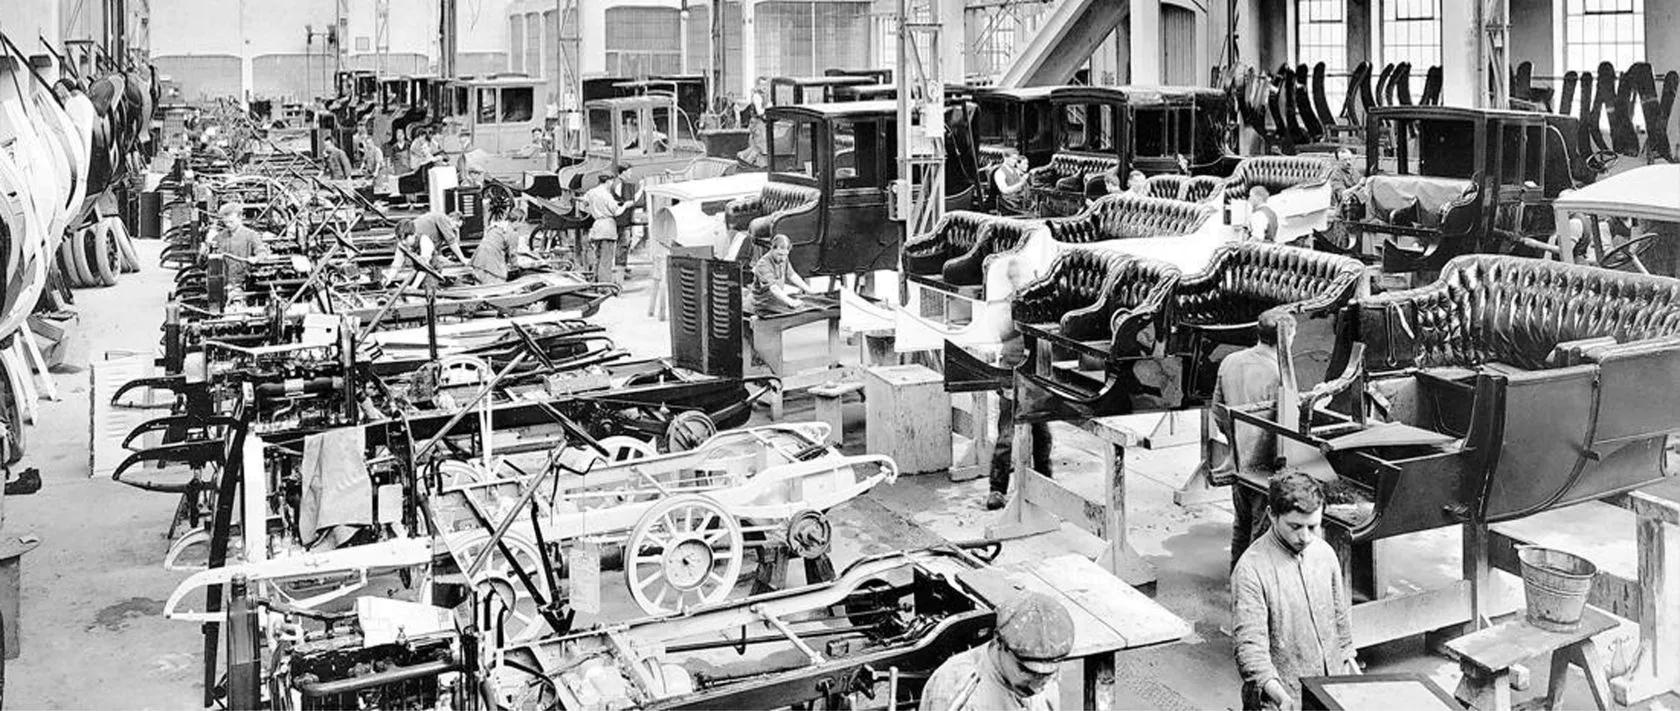 Это уже начало ХХ века - из небольшой мастерской в сарае дома Бенцев вырос довольно заметный завод